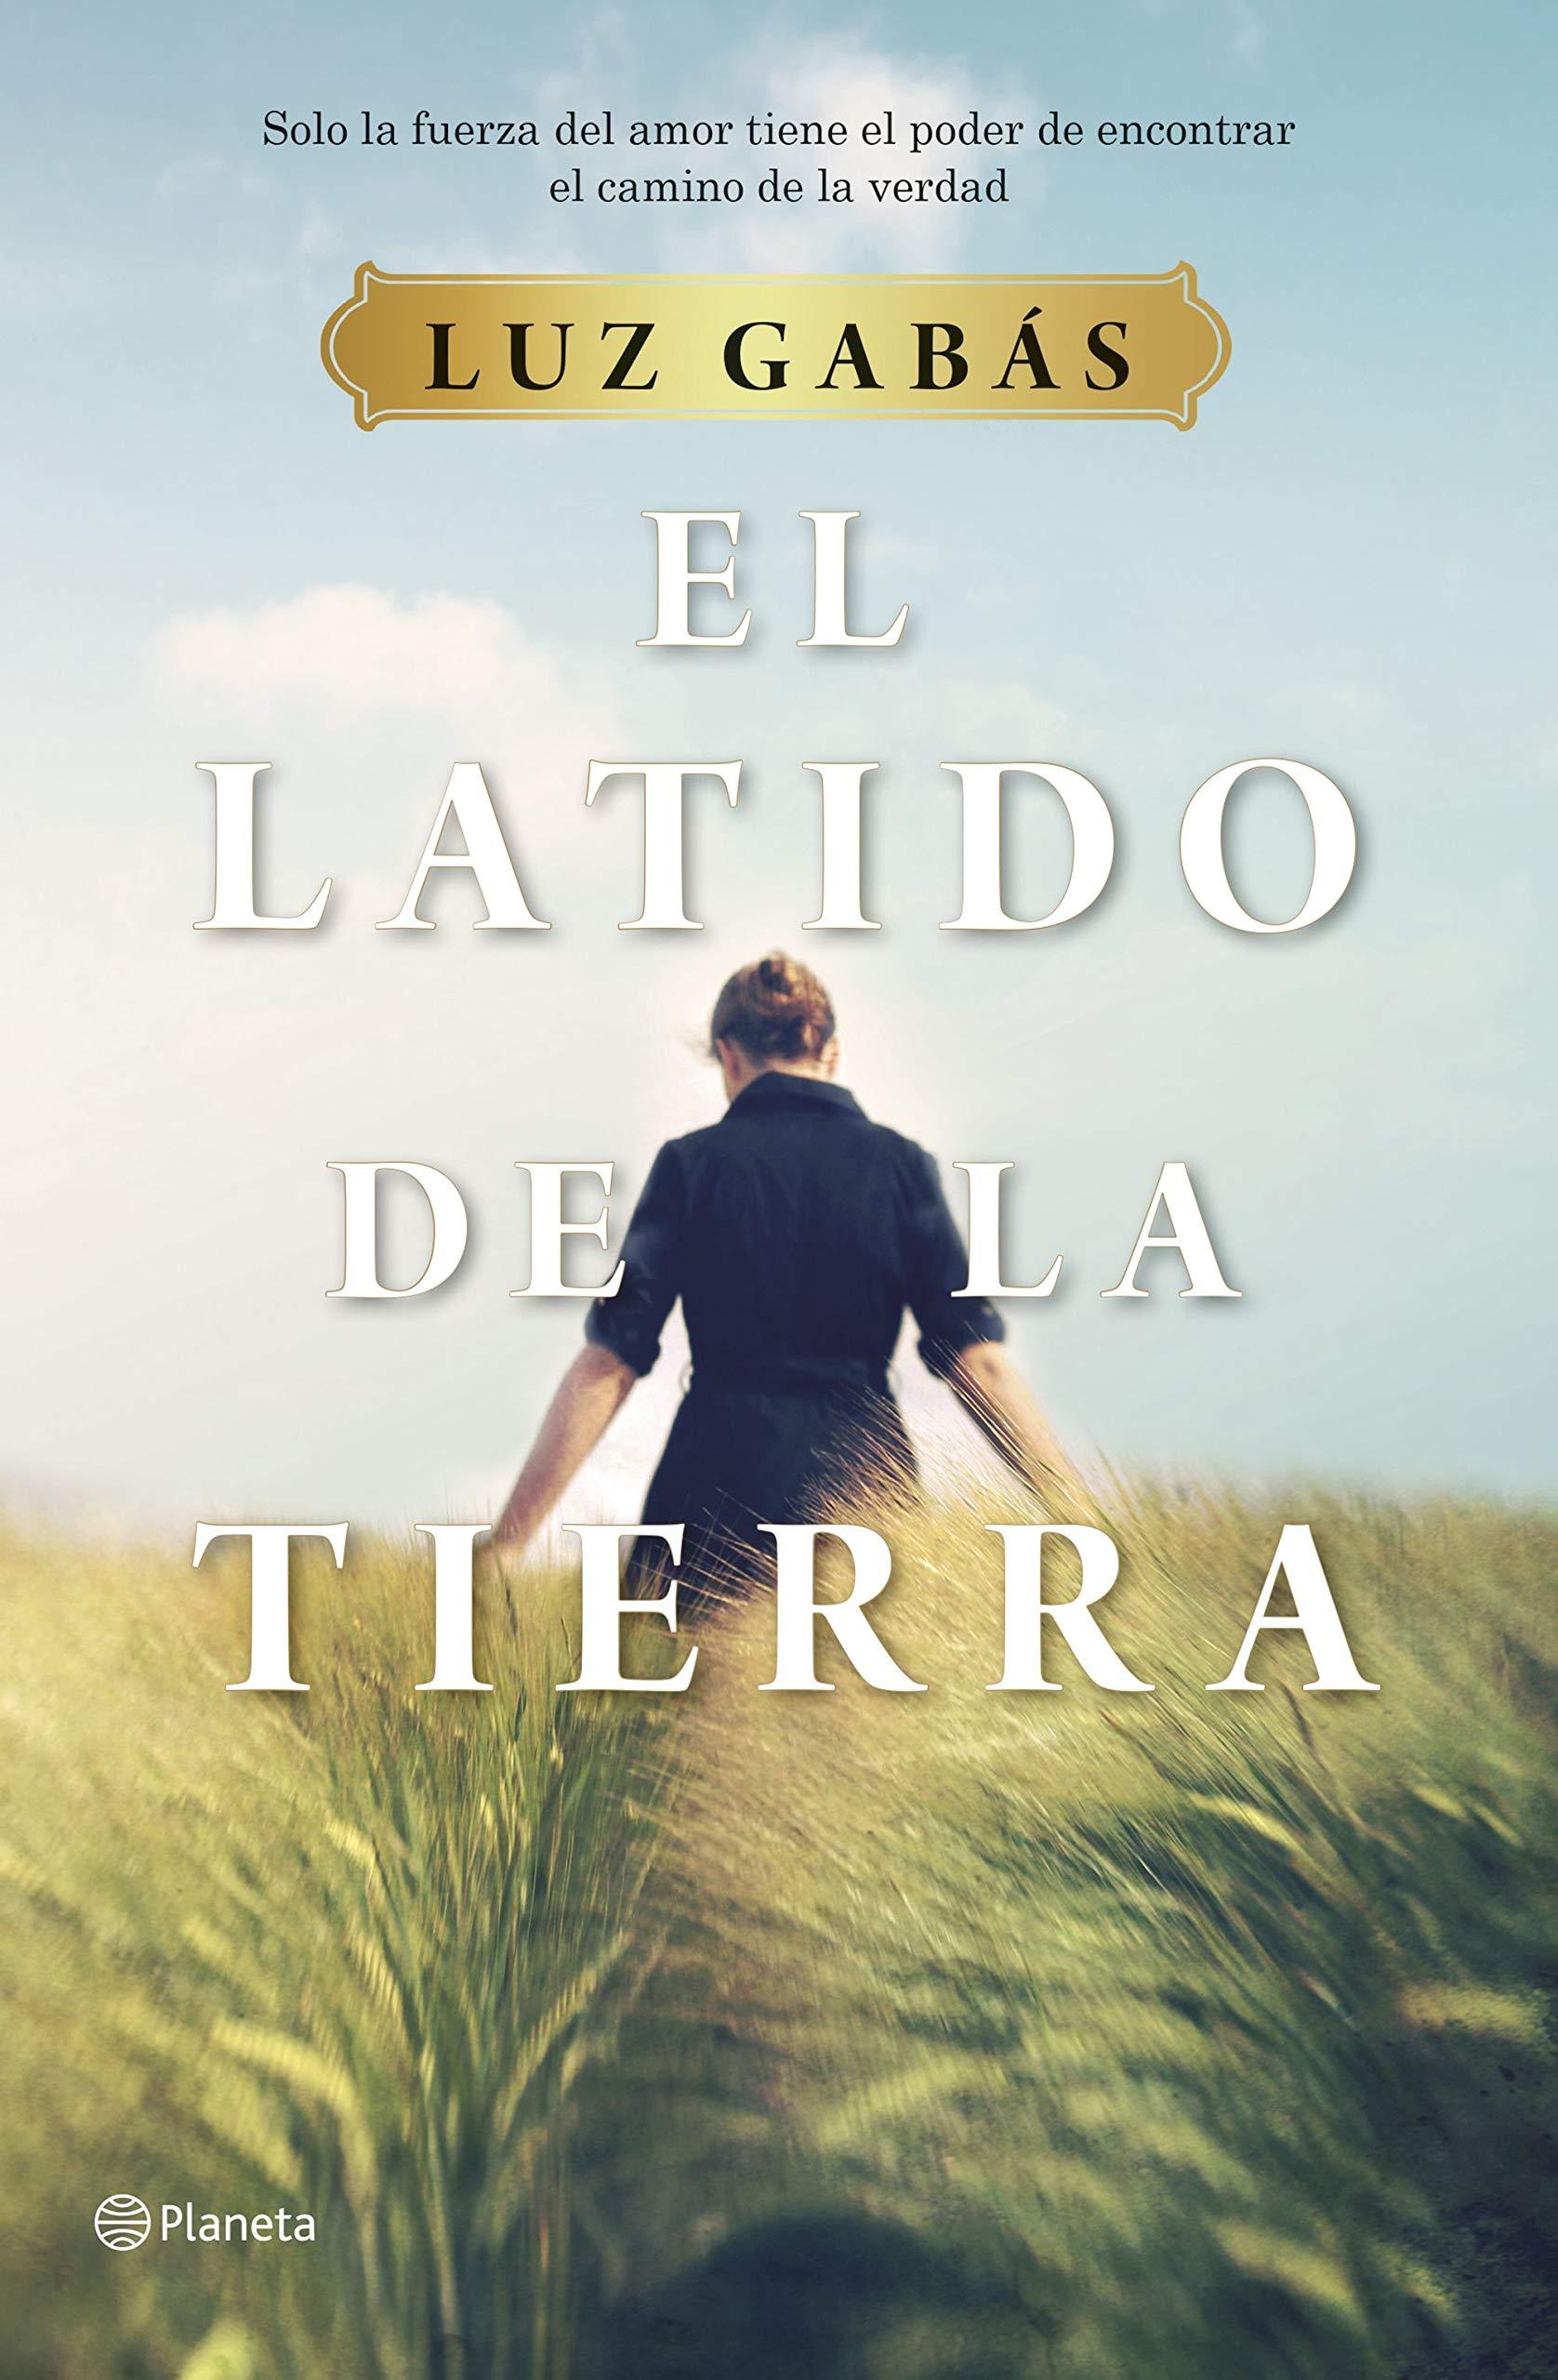 El latido de la tierra (Luz Gabás, 2019)